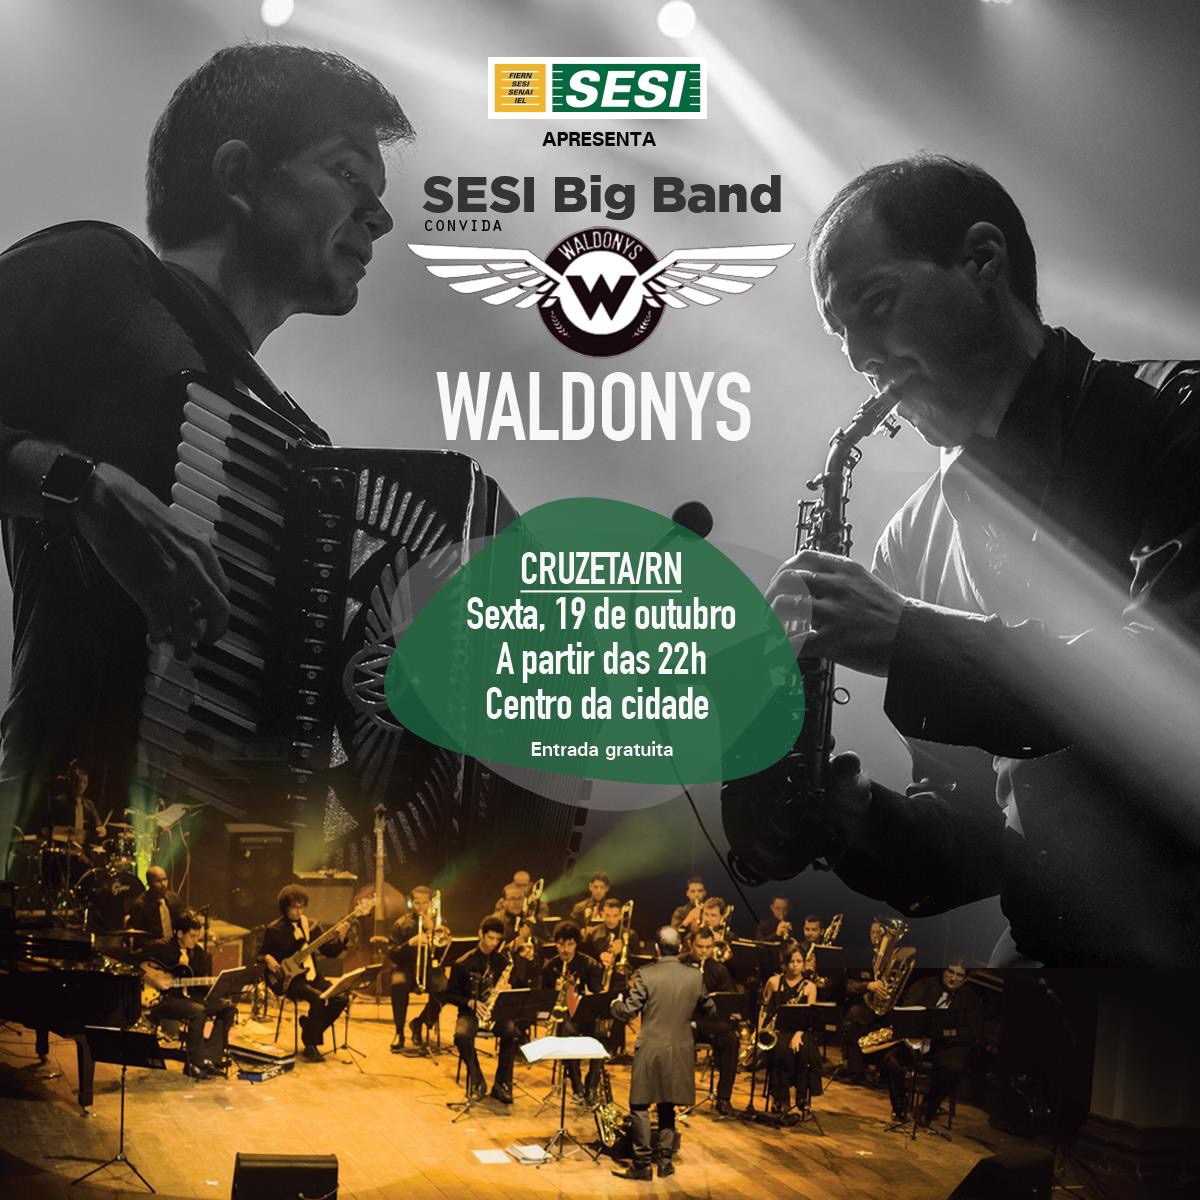 SESI Big Band convida Waldonys (1)